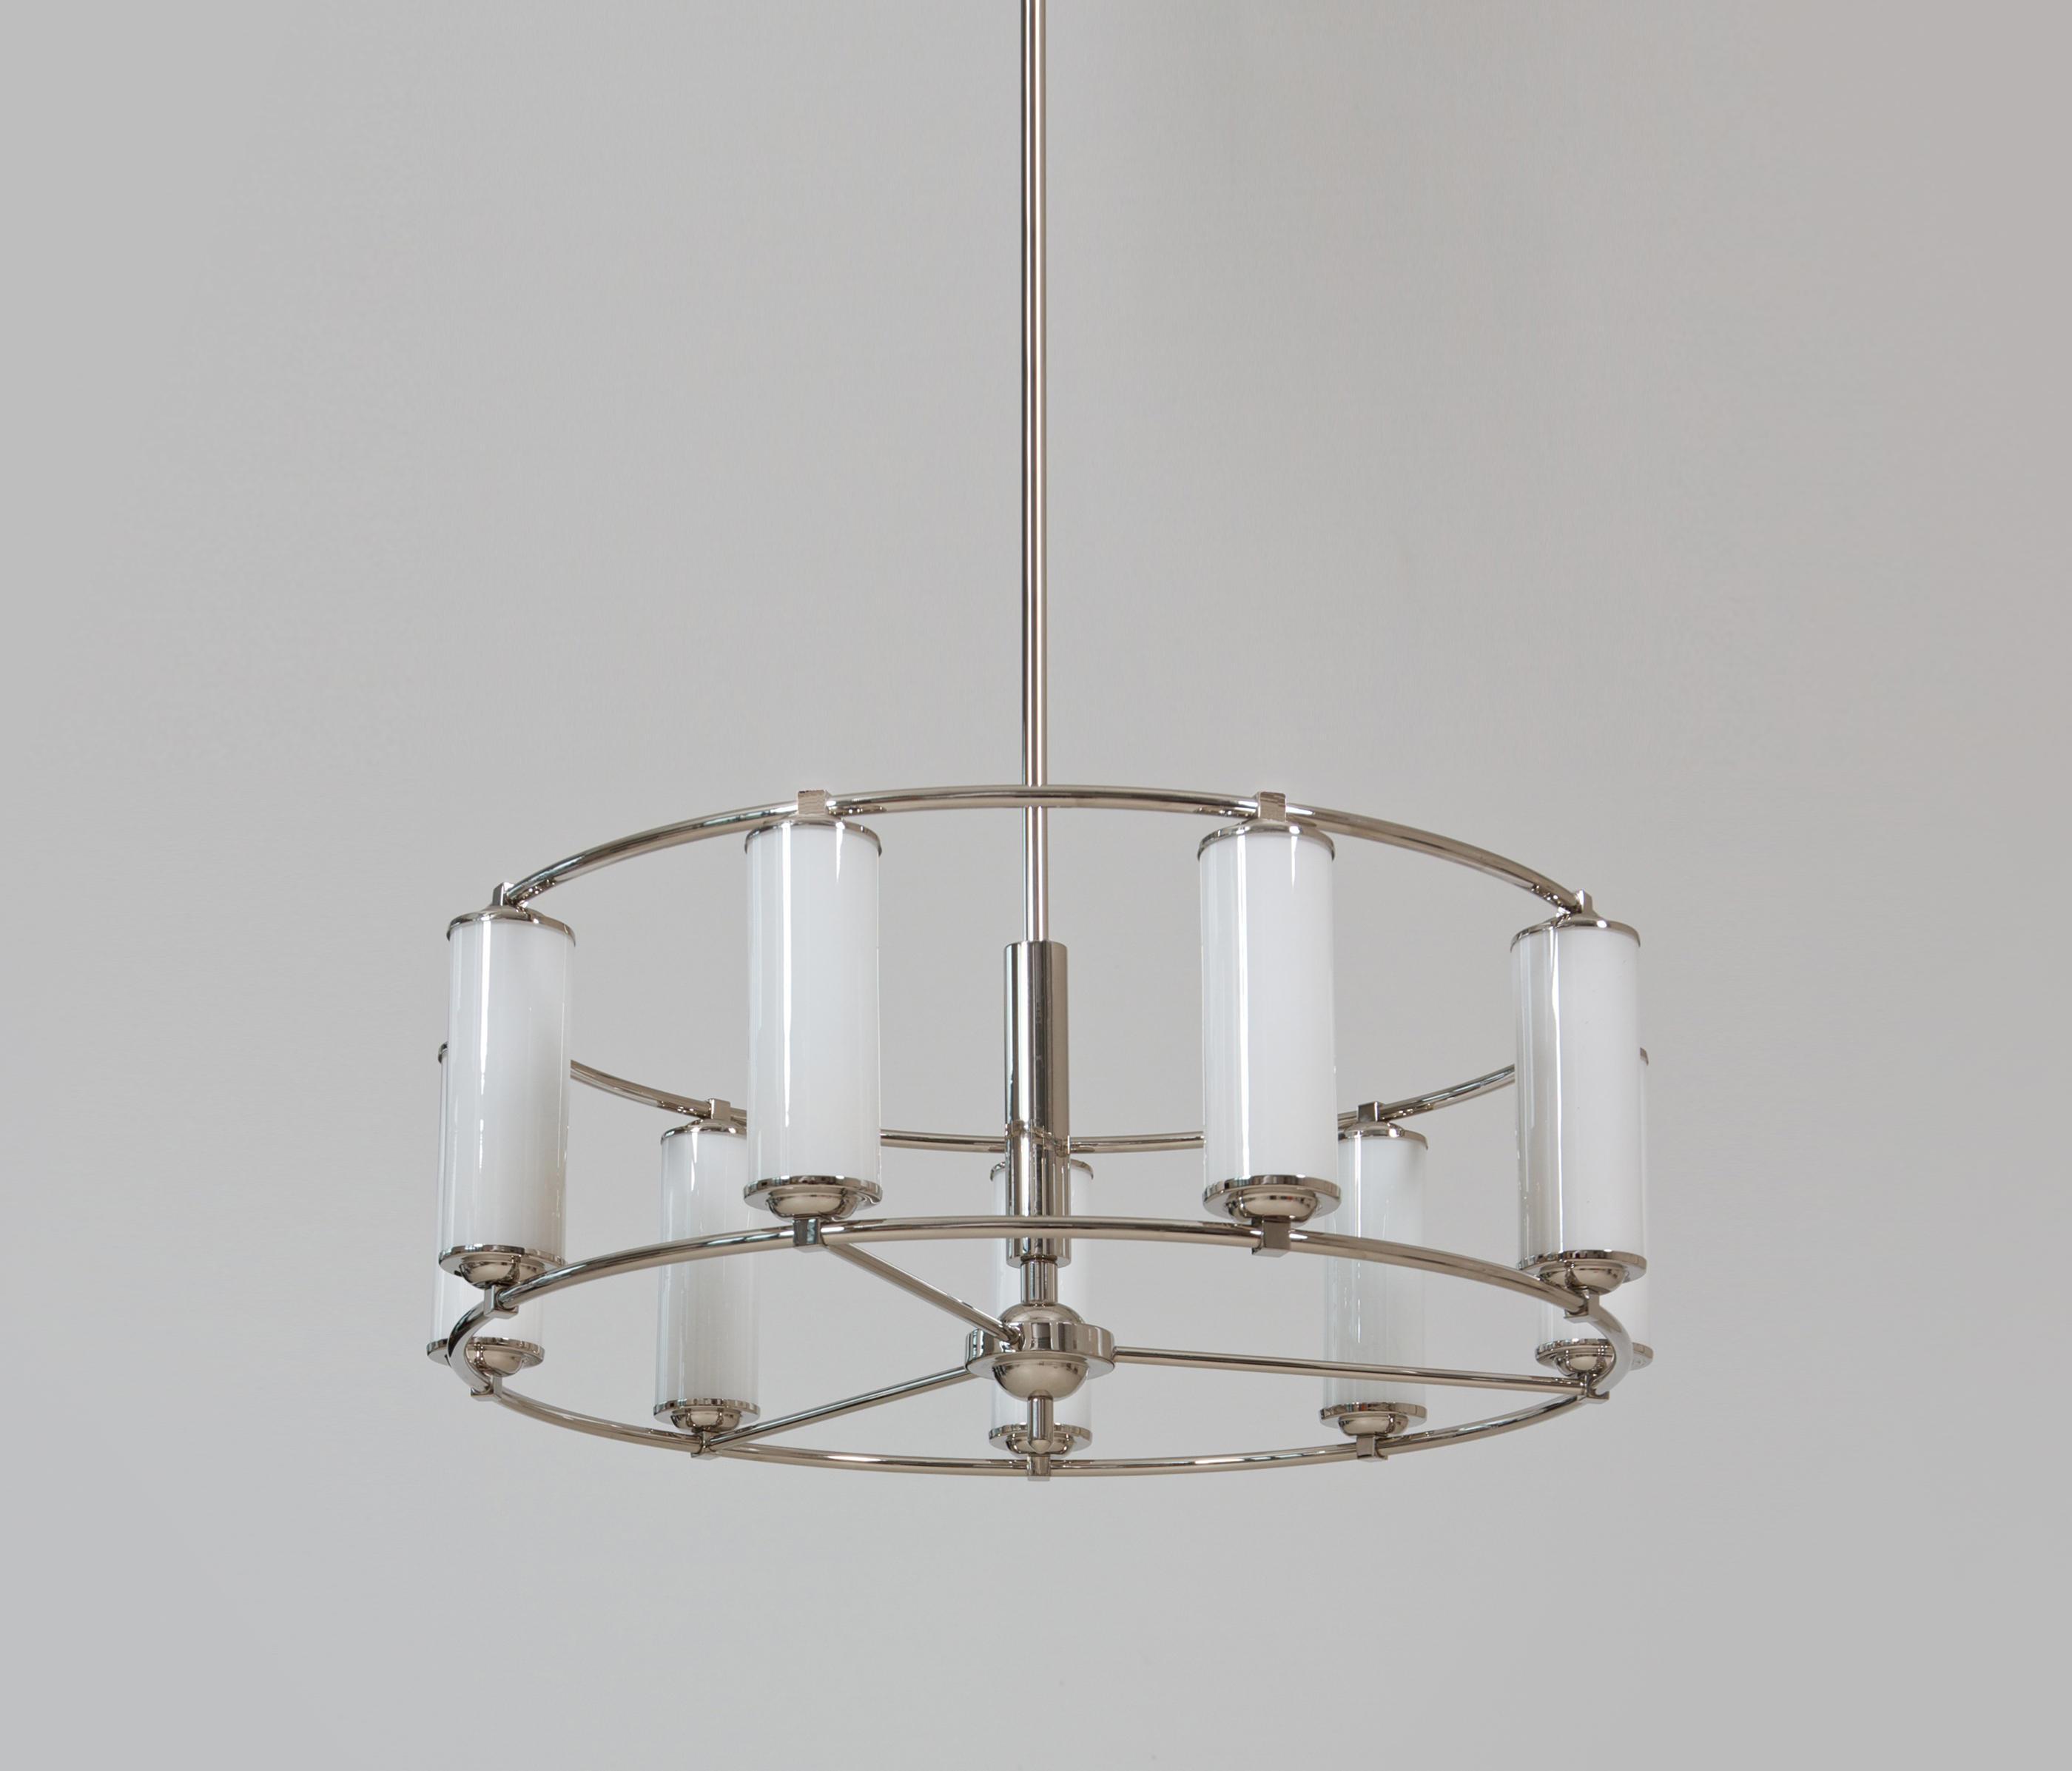 Deckenlampe Im Bauhausstil Pendelleuchten Von Zeitlos Berlin